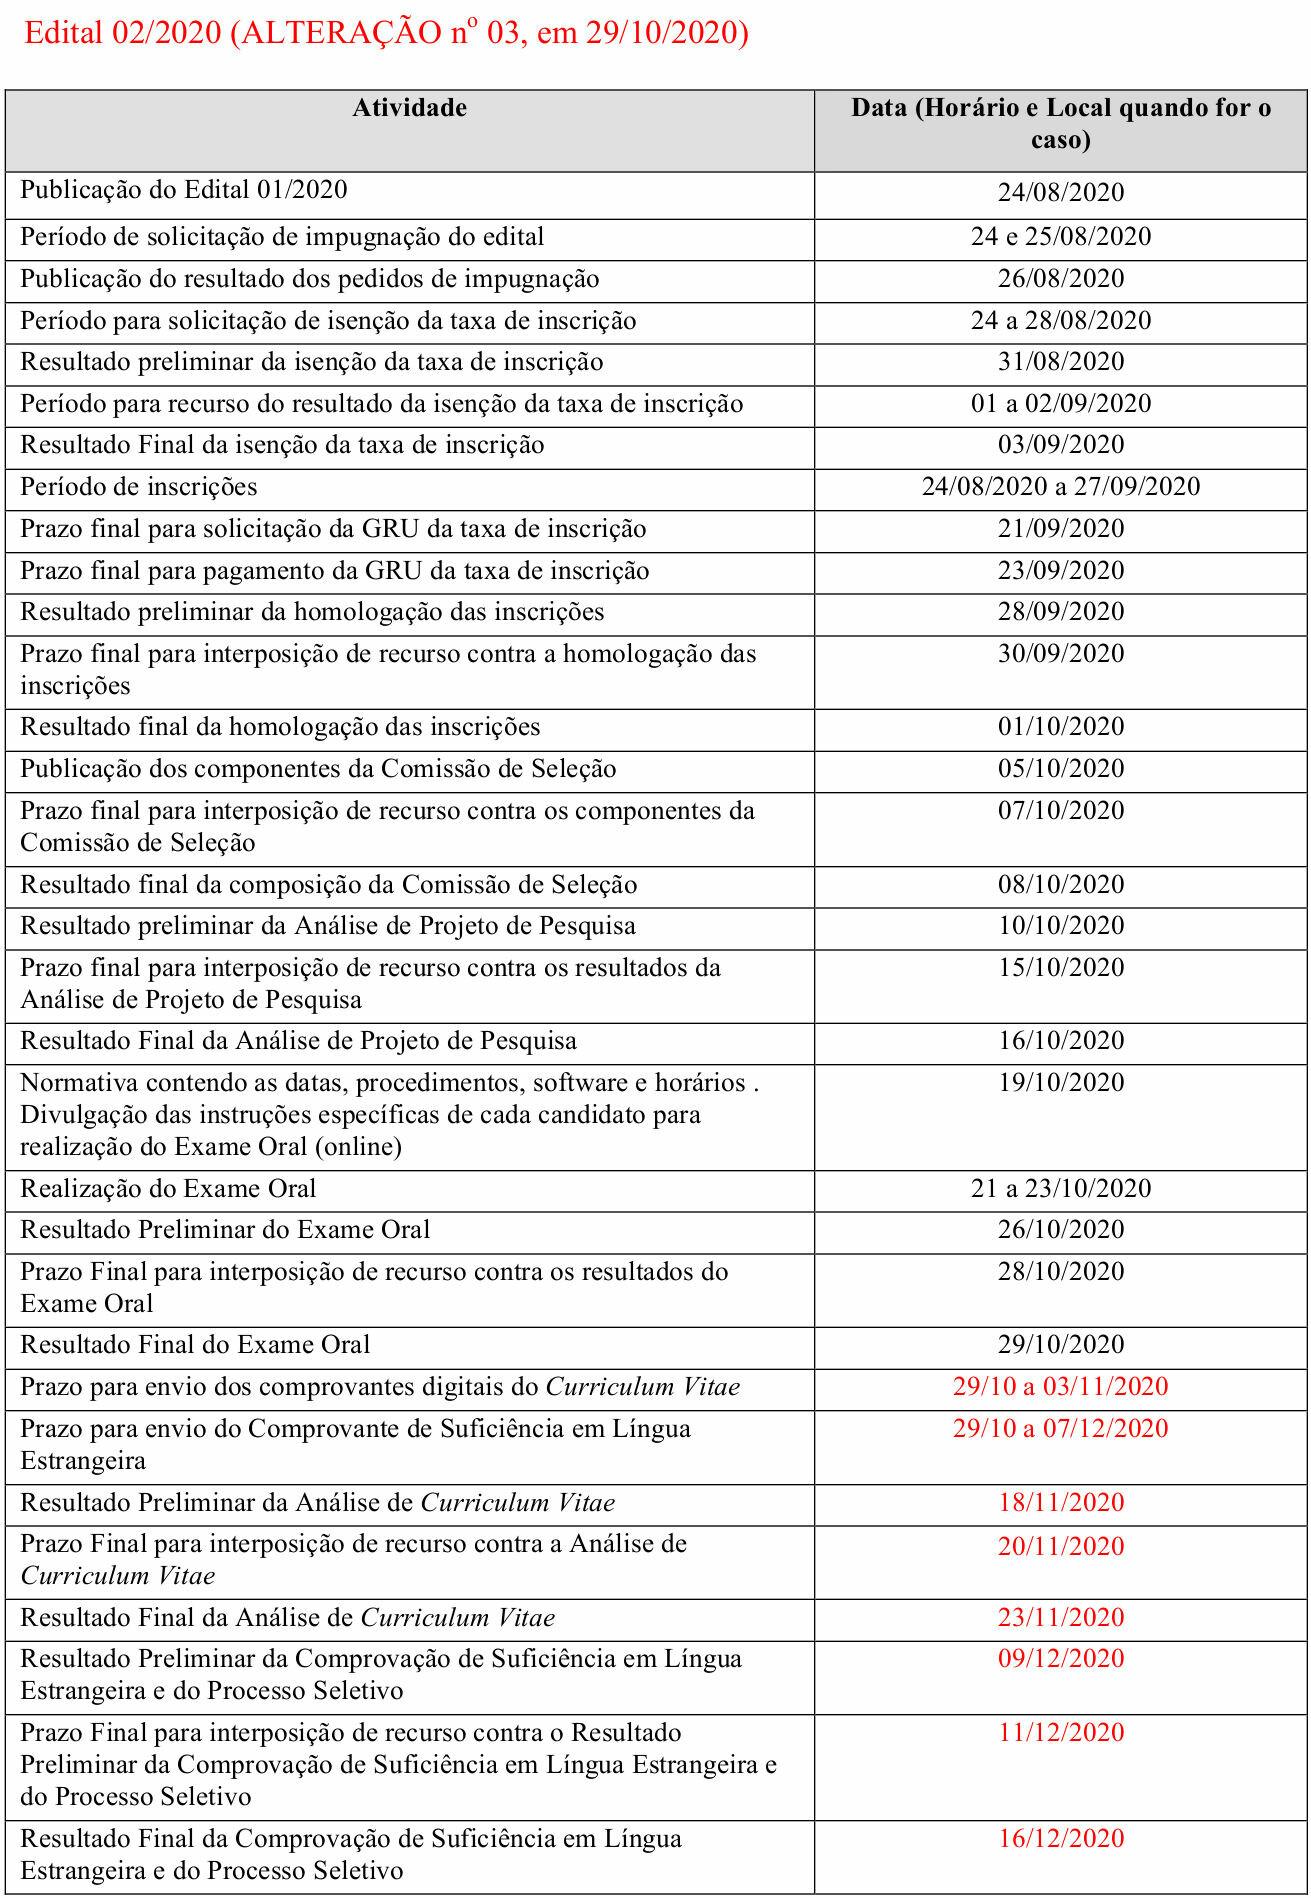 Alteração cronograma 03 - Edital 02_2020